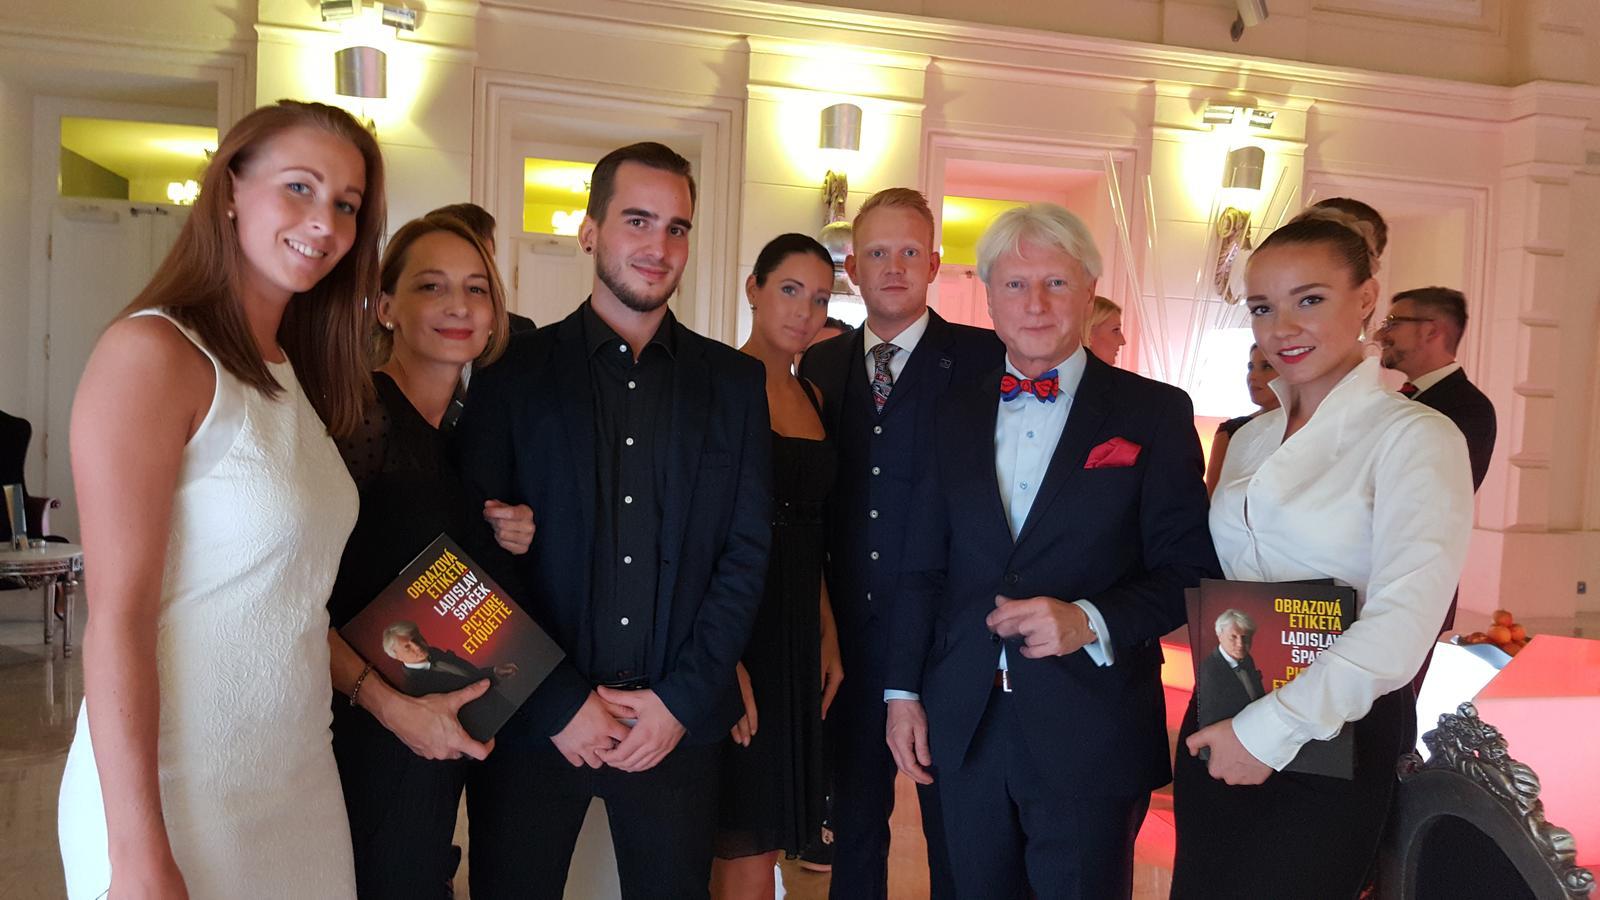 beebeauty - měla jsem tu čest podílet se na knize etikety pana Špačka. Líčila jsem až se mi od ruk kouřilo, ale výsledek stojí za to;)